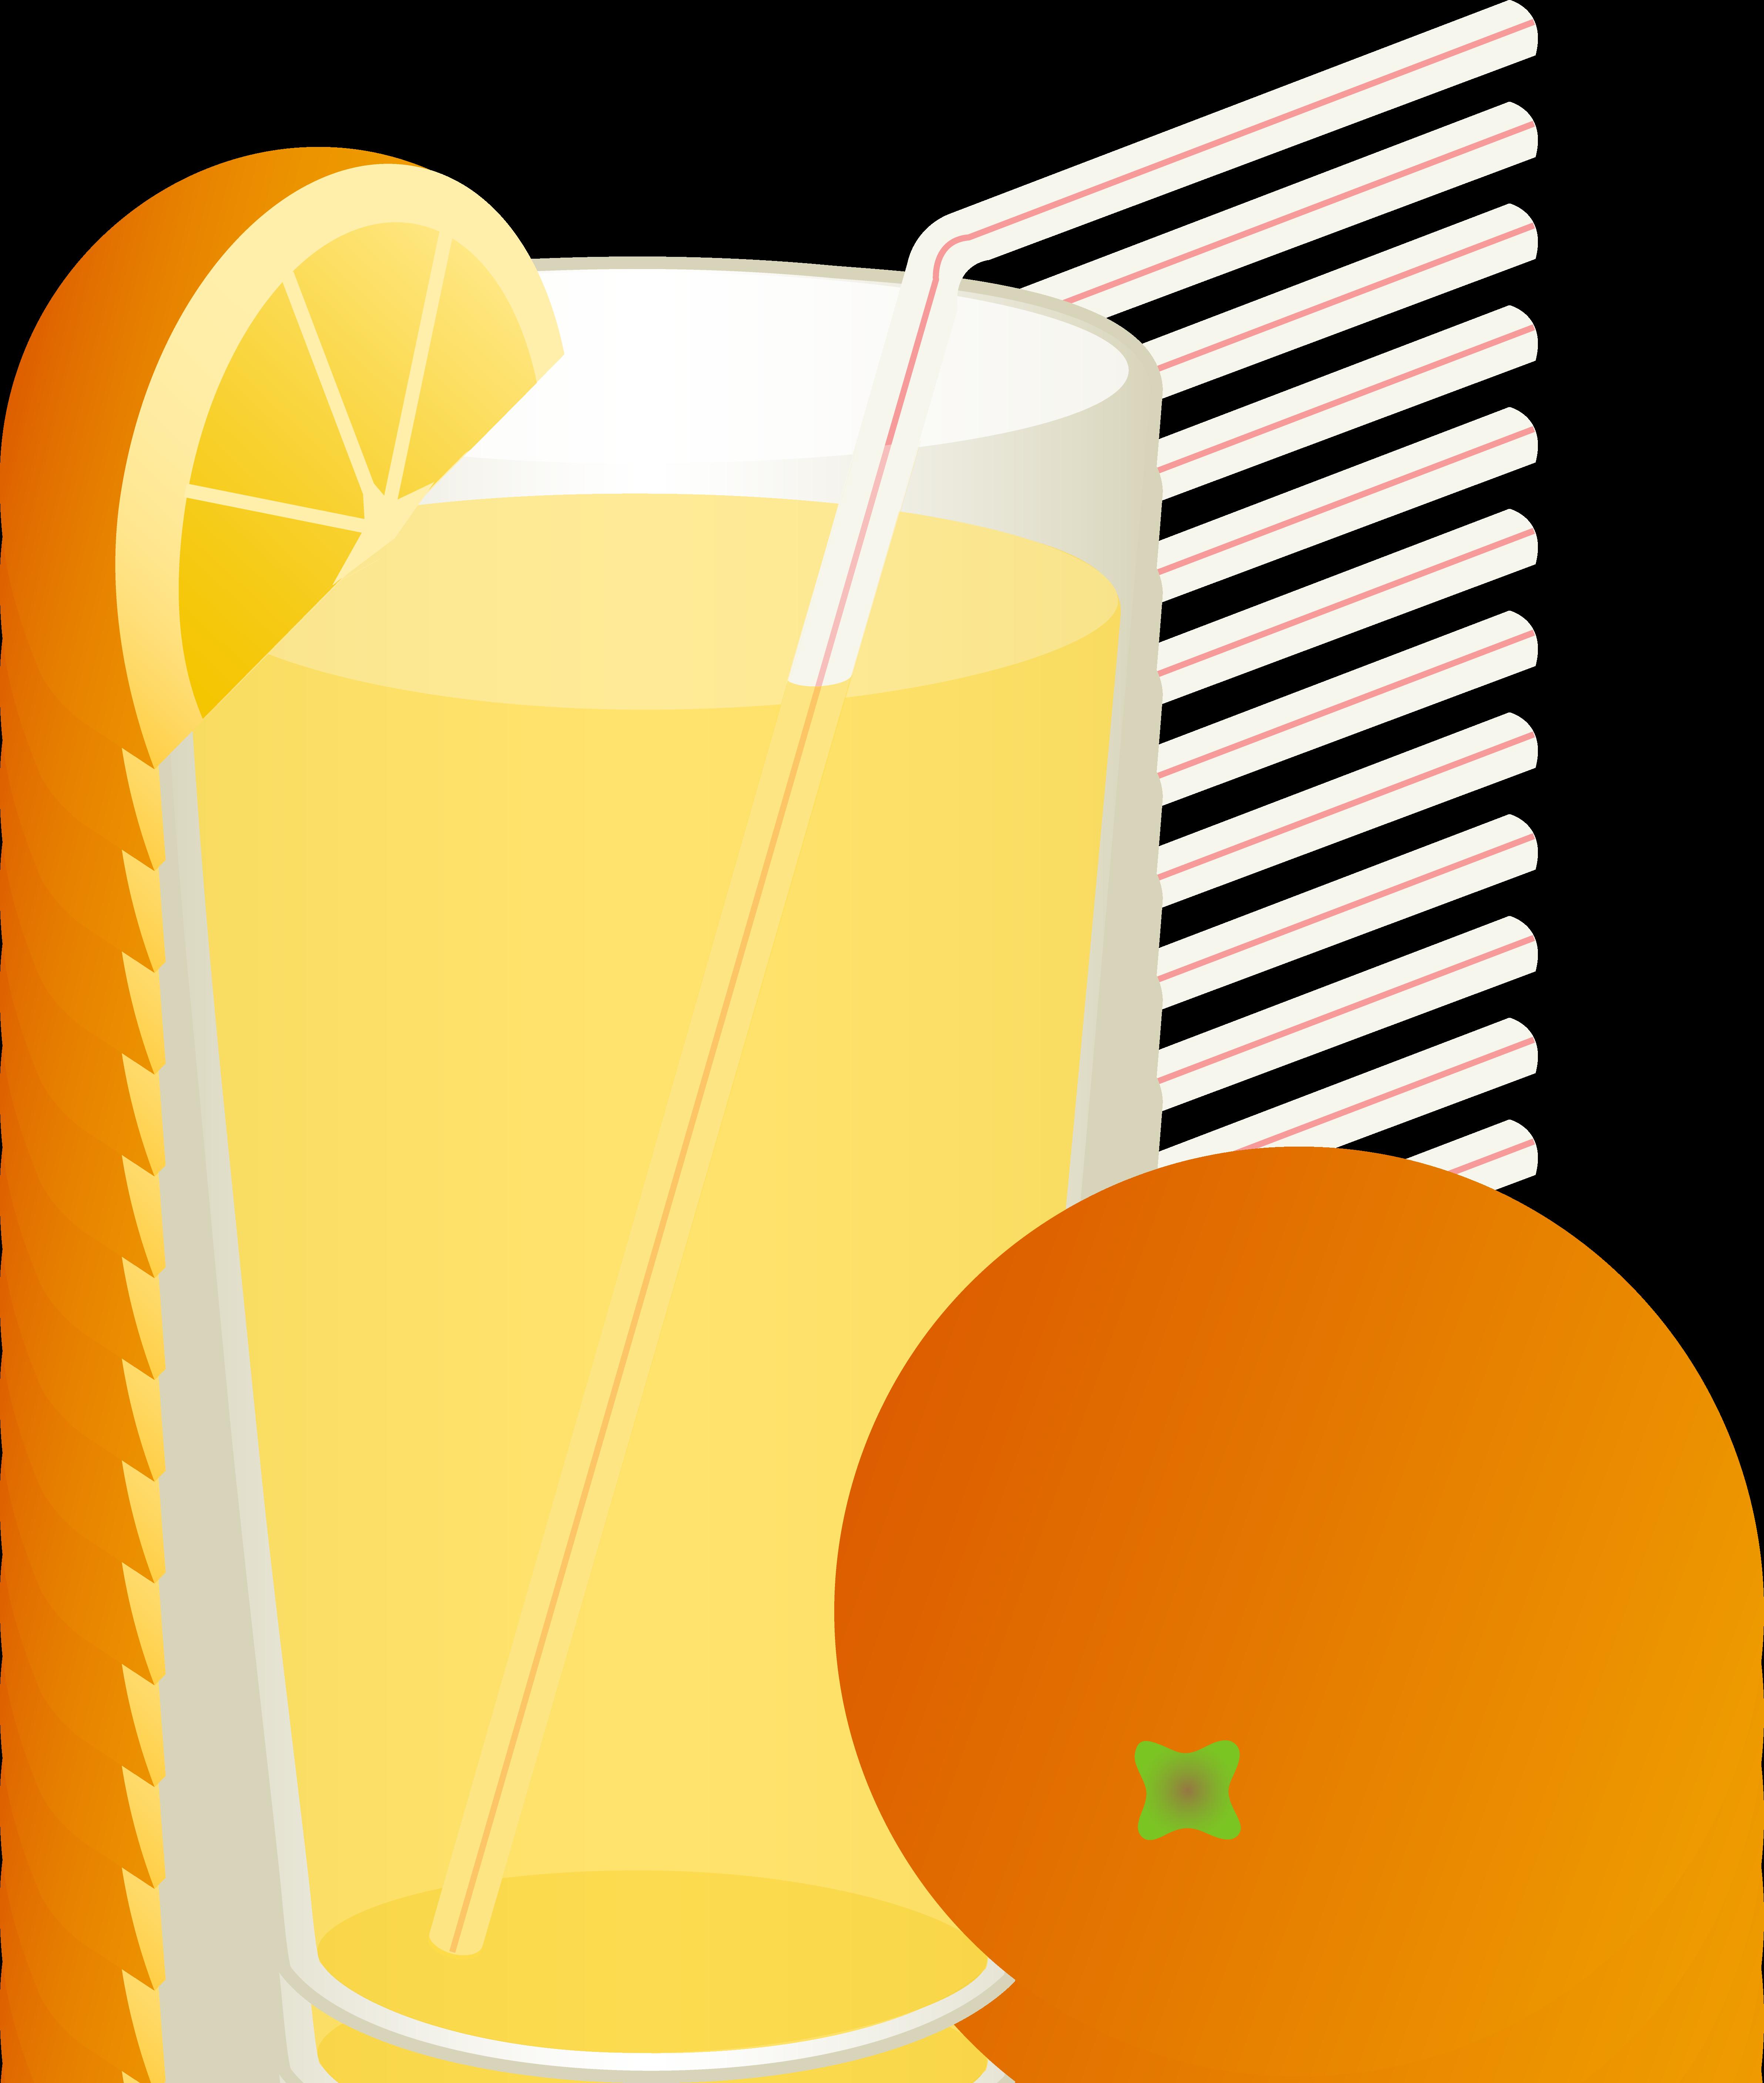 4766x5628 Glass Of Orange Juice With Straw